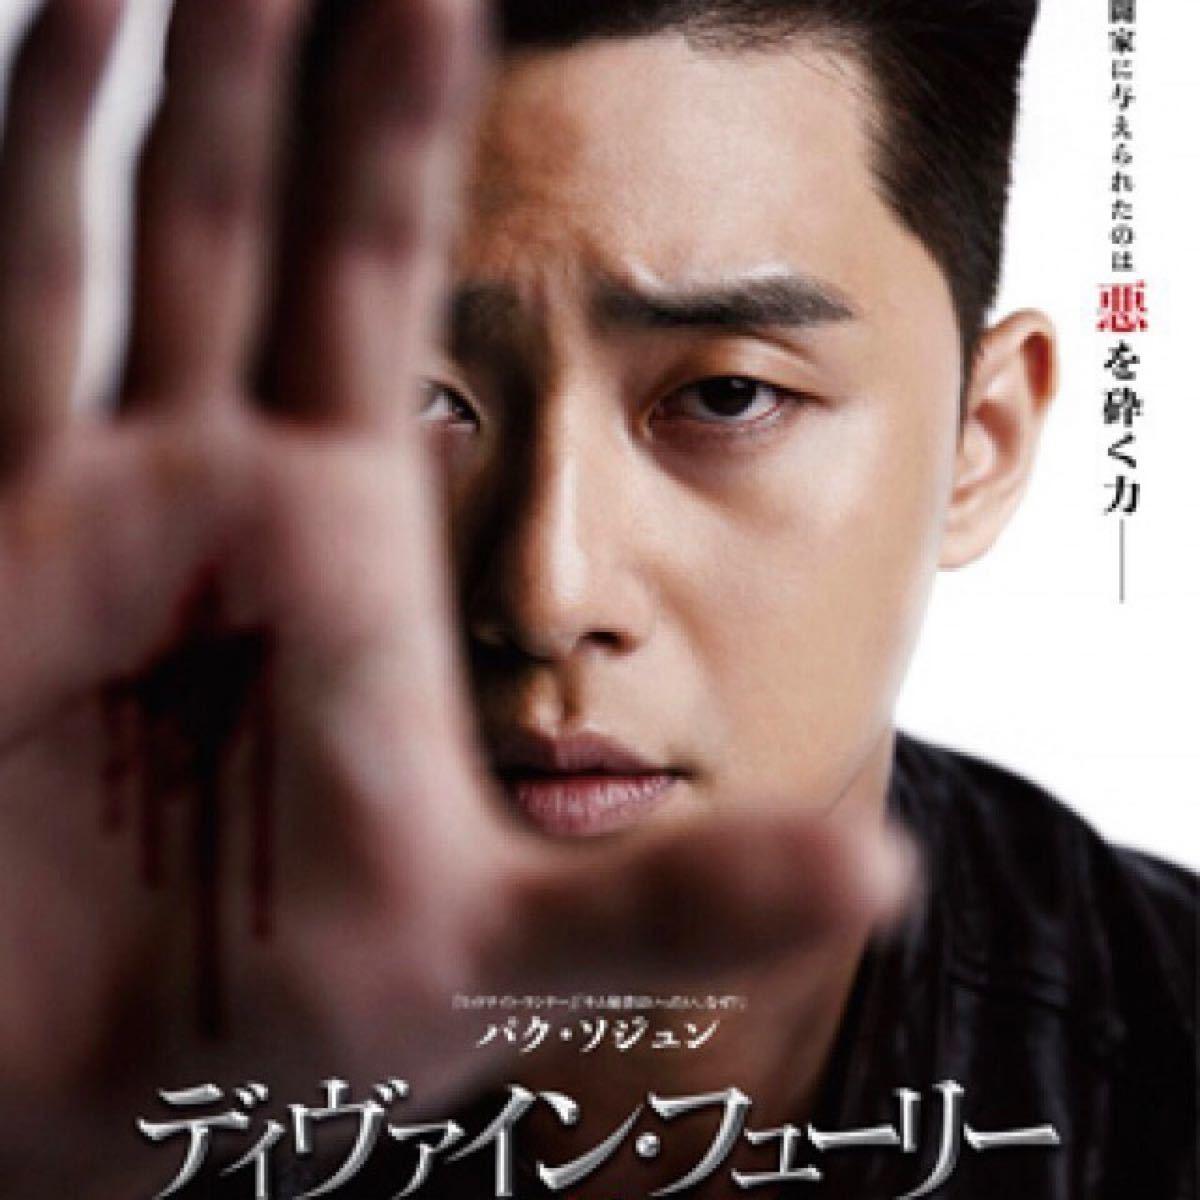 韓国映画 ディヴァインフューリー 使者  パク・ソジュン DVD レーベル有り